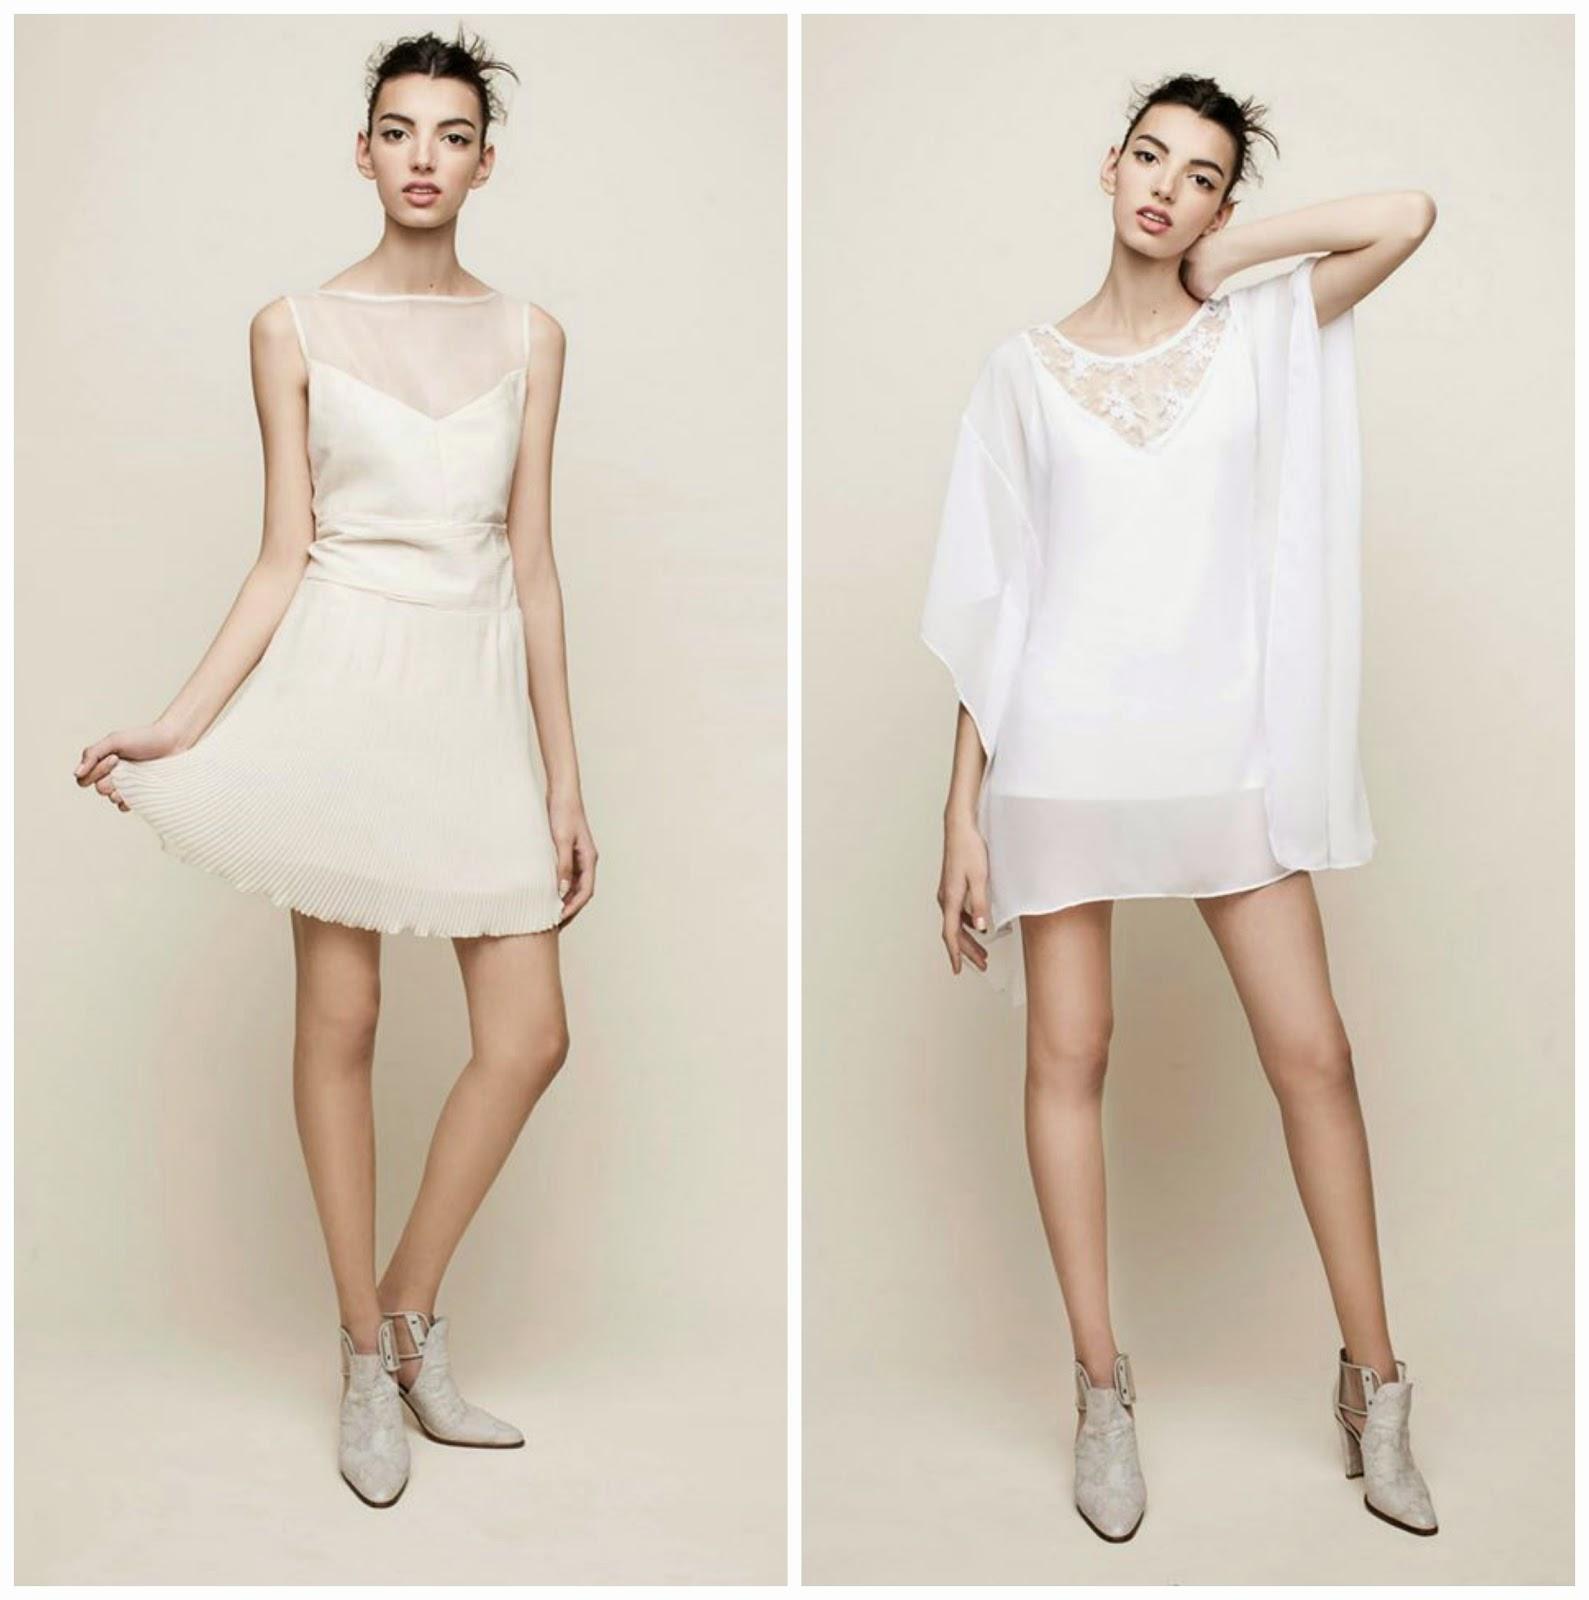 Vestidos de noche para mujeres blancas